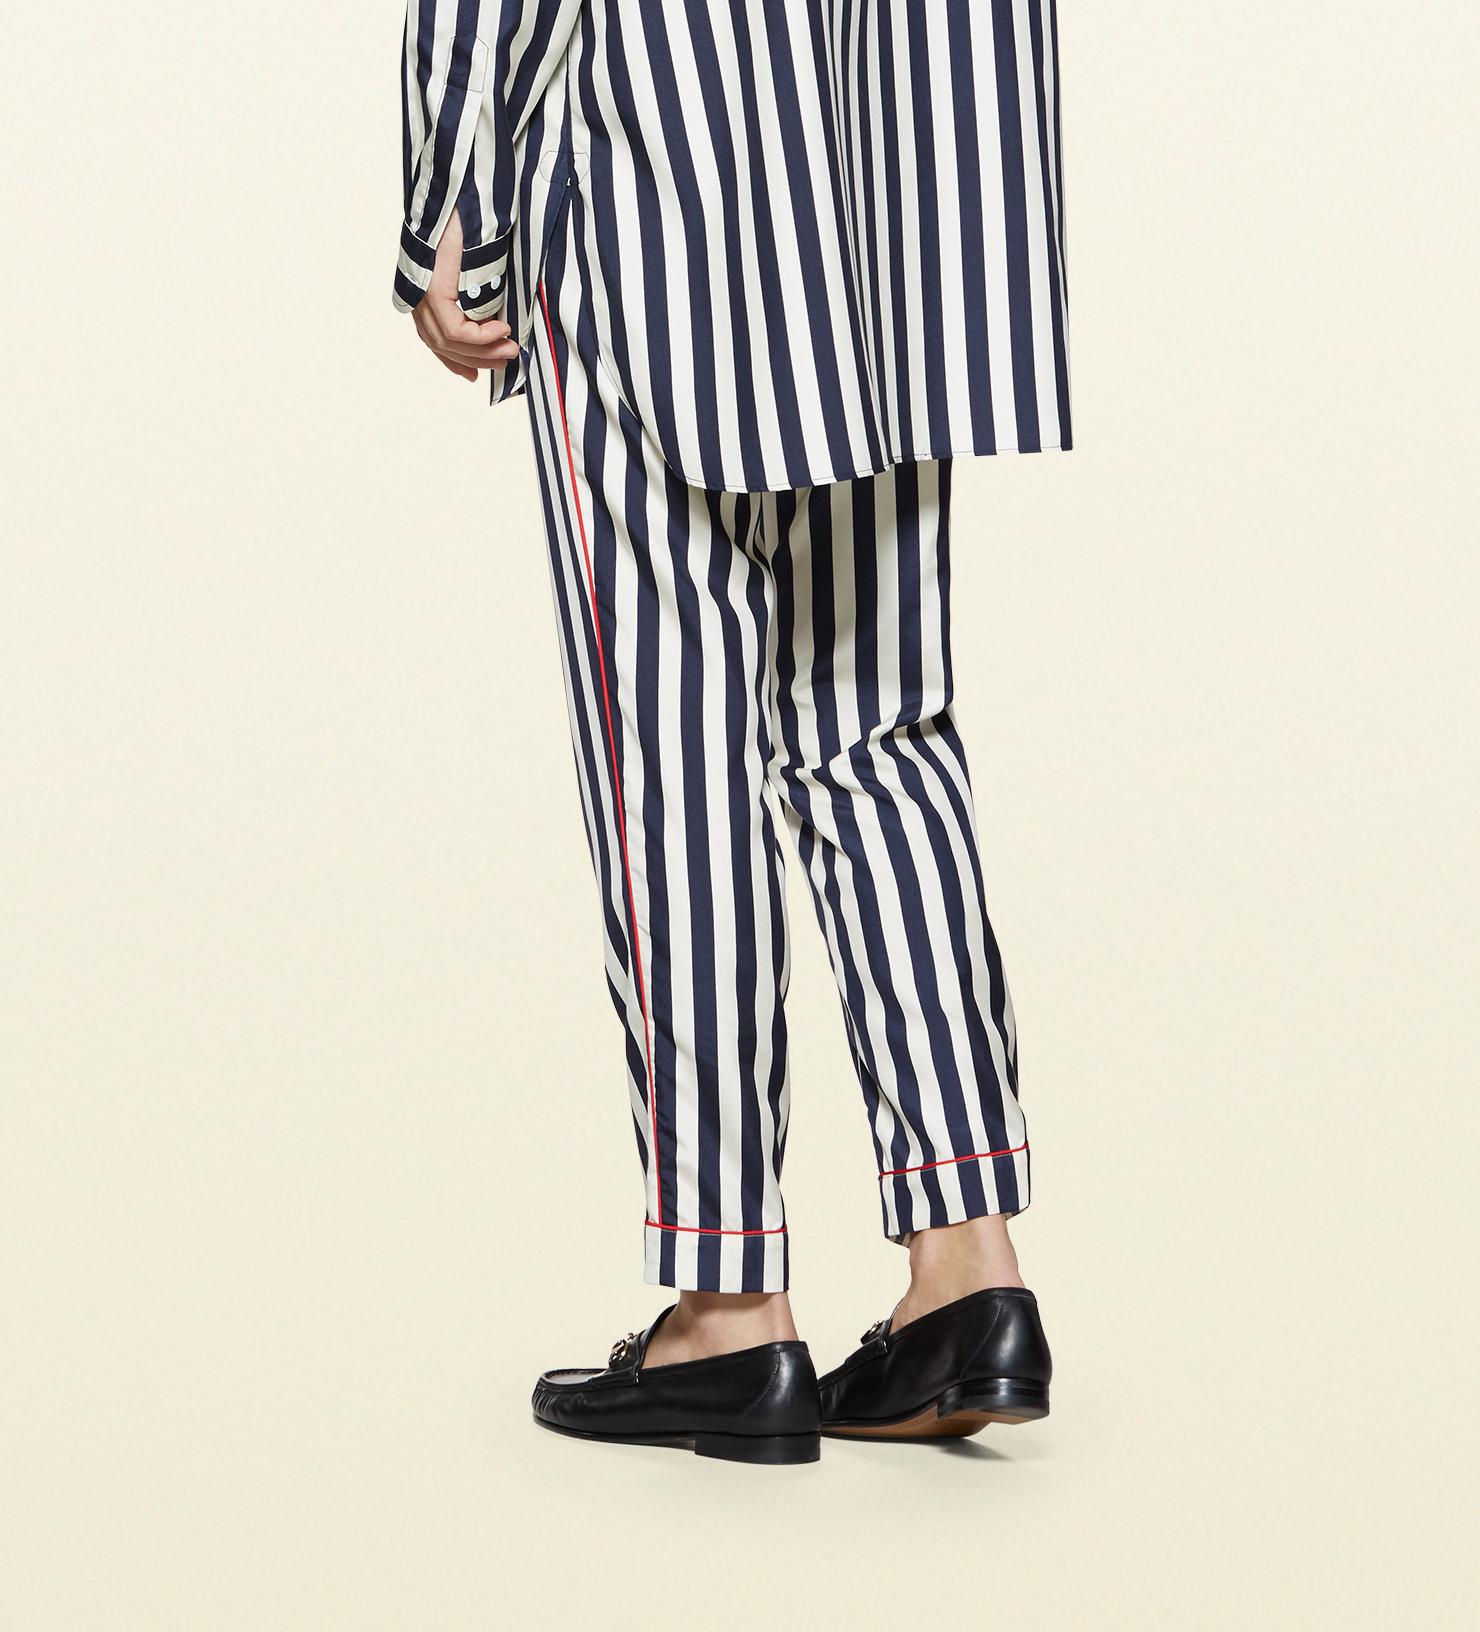 89f7e4b5 Gucci Striped Silk Poplin Pajama Pant in Black for Men - Lyst